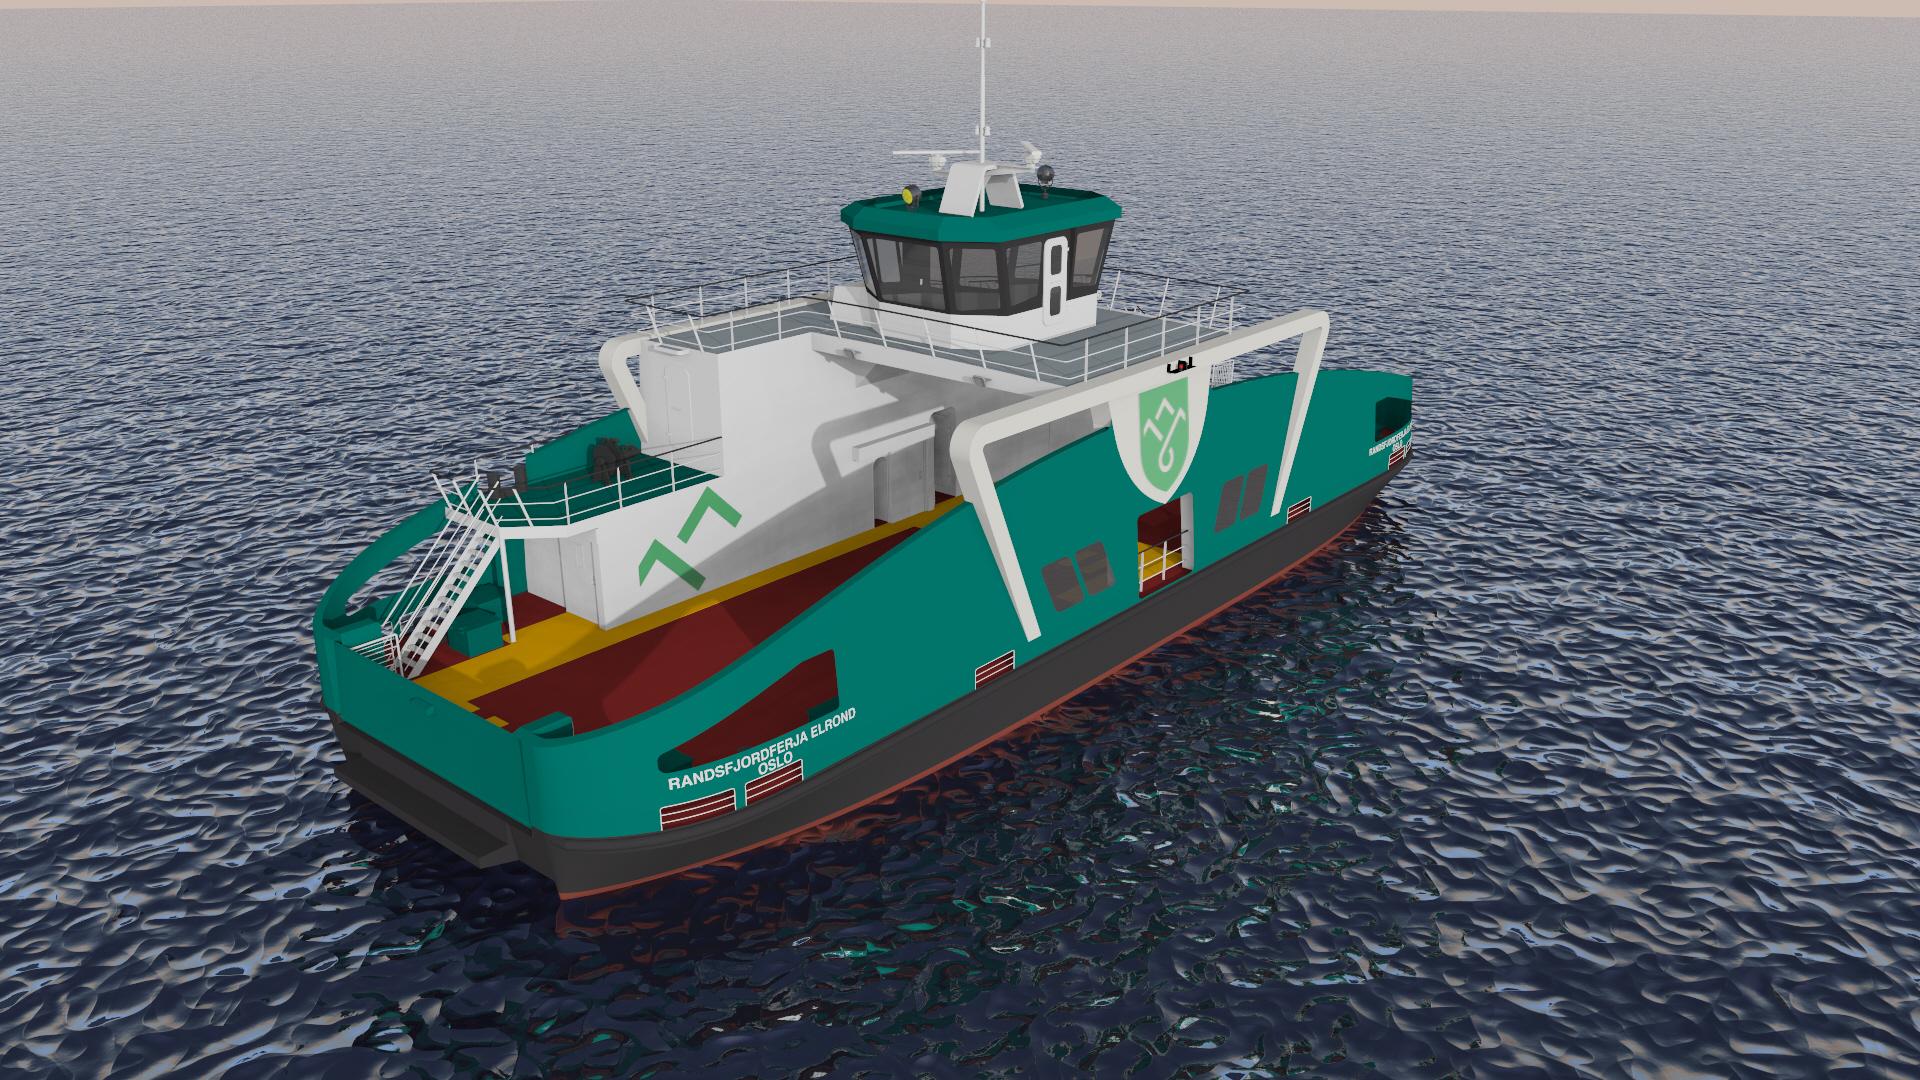 Vanaf mei/juni gaat de Holland Shipyards Group in Noorwegen het bouwpakket van de elektrisch aangedreven Randsfjordferja Elrond in elkaar zetten en aflassen. De onderdelen worden op dit moment op de Werkendamse werf van HSG gebouwd. (Rendering HSG)